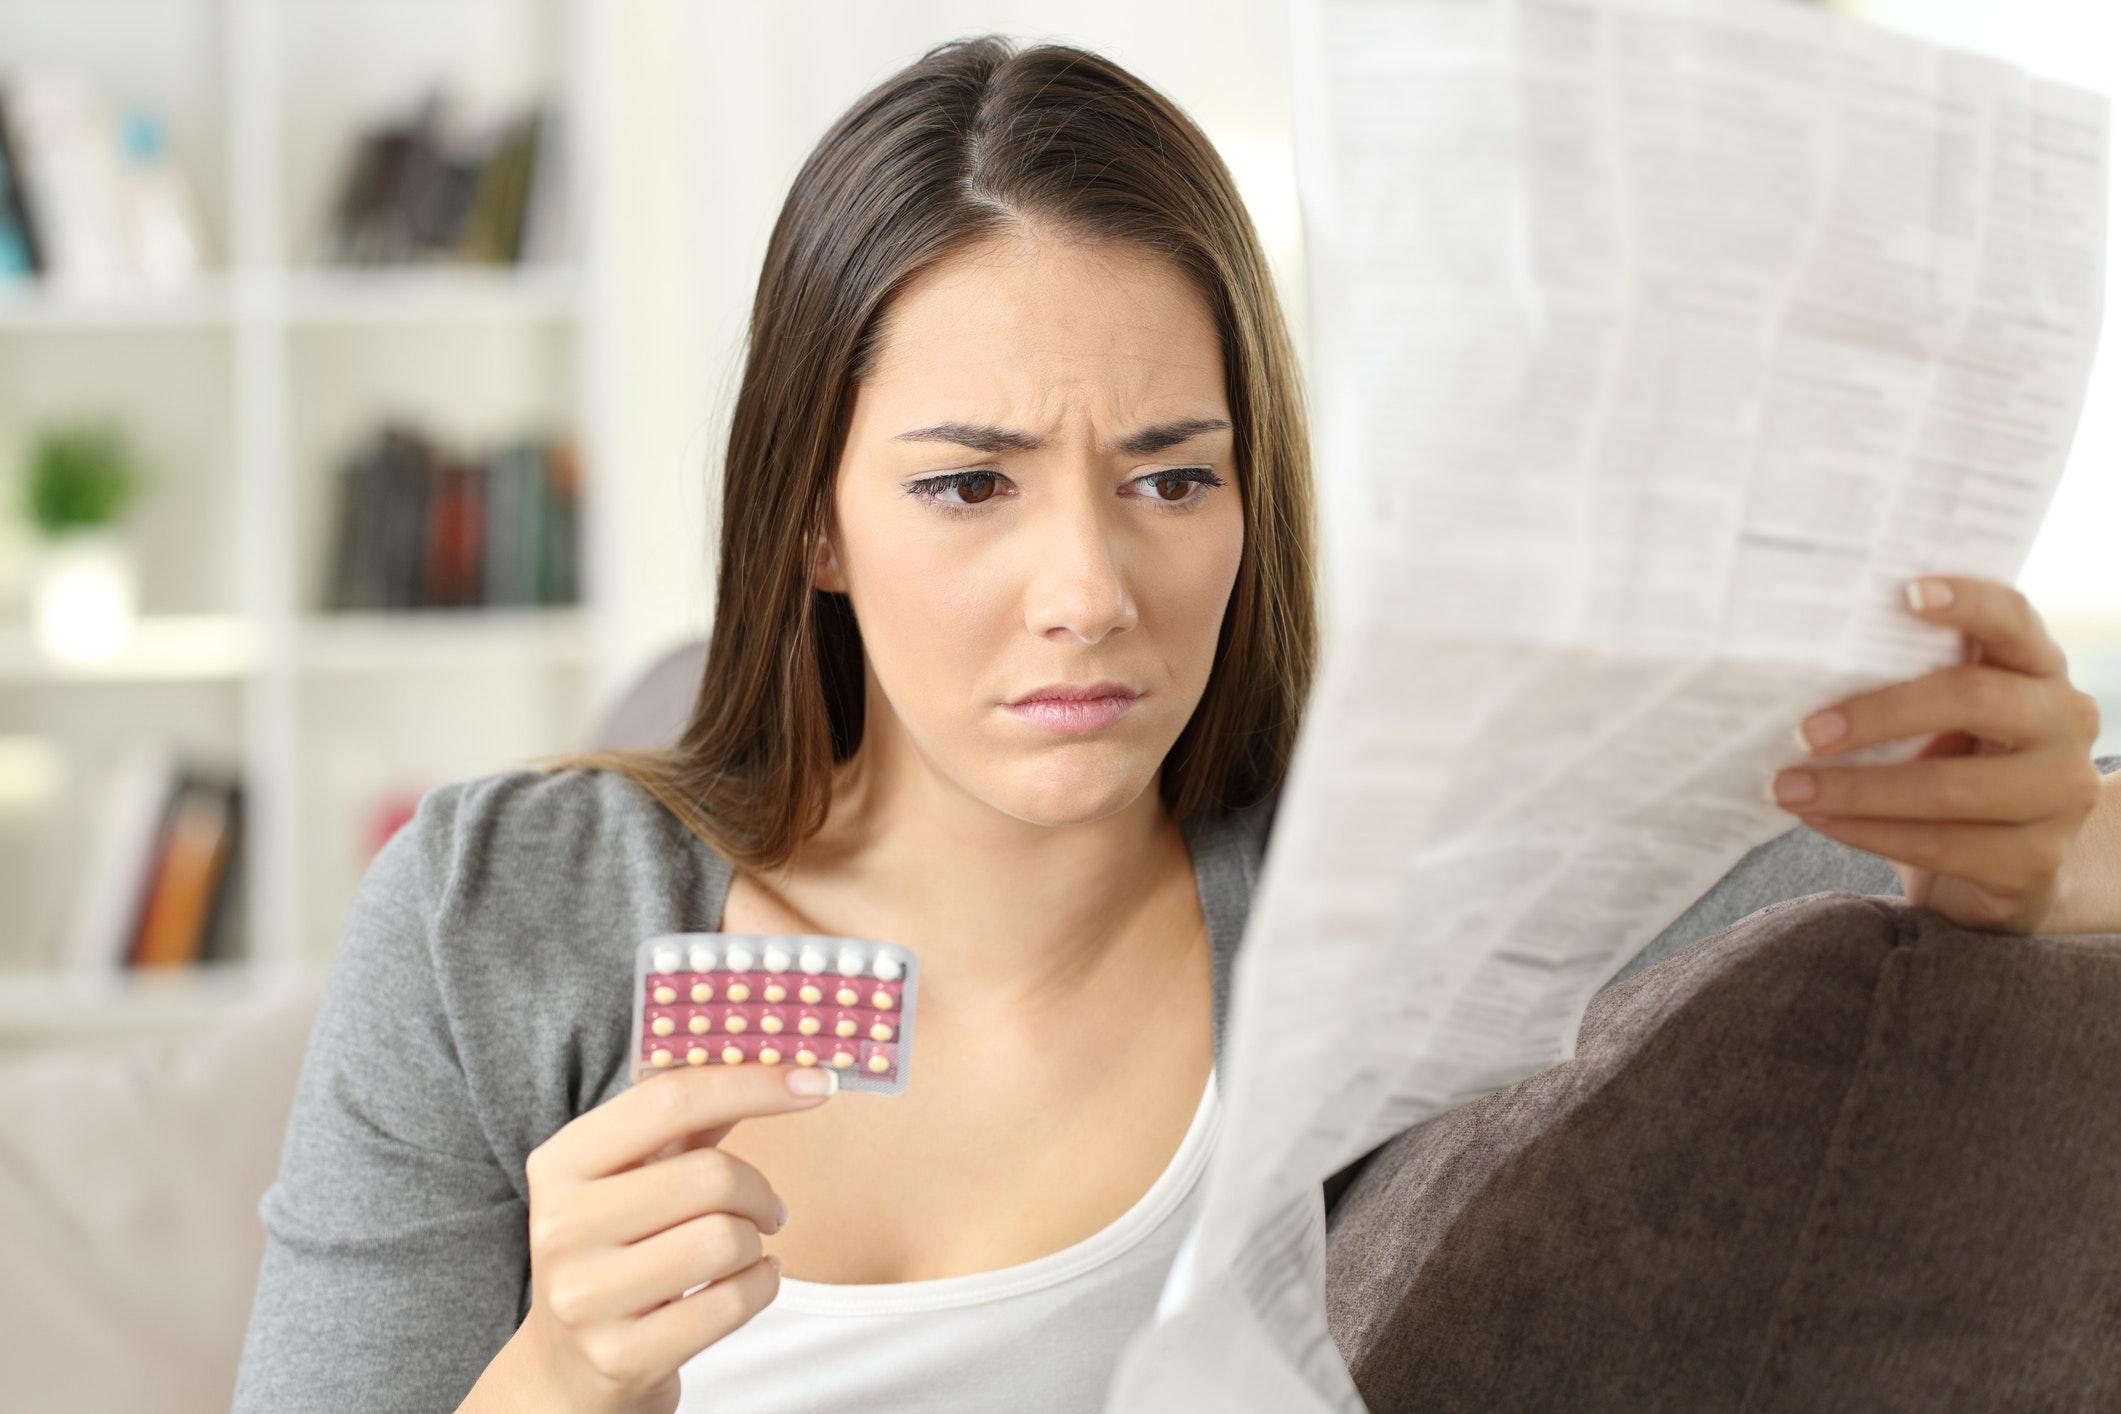 smerter under samleje gravid dating russiske kvinder